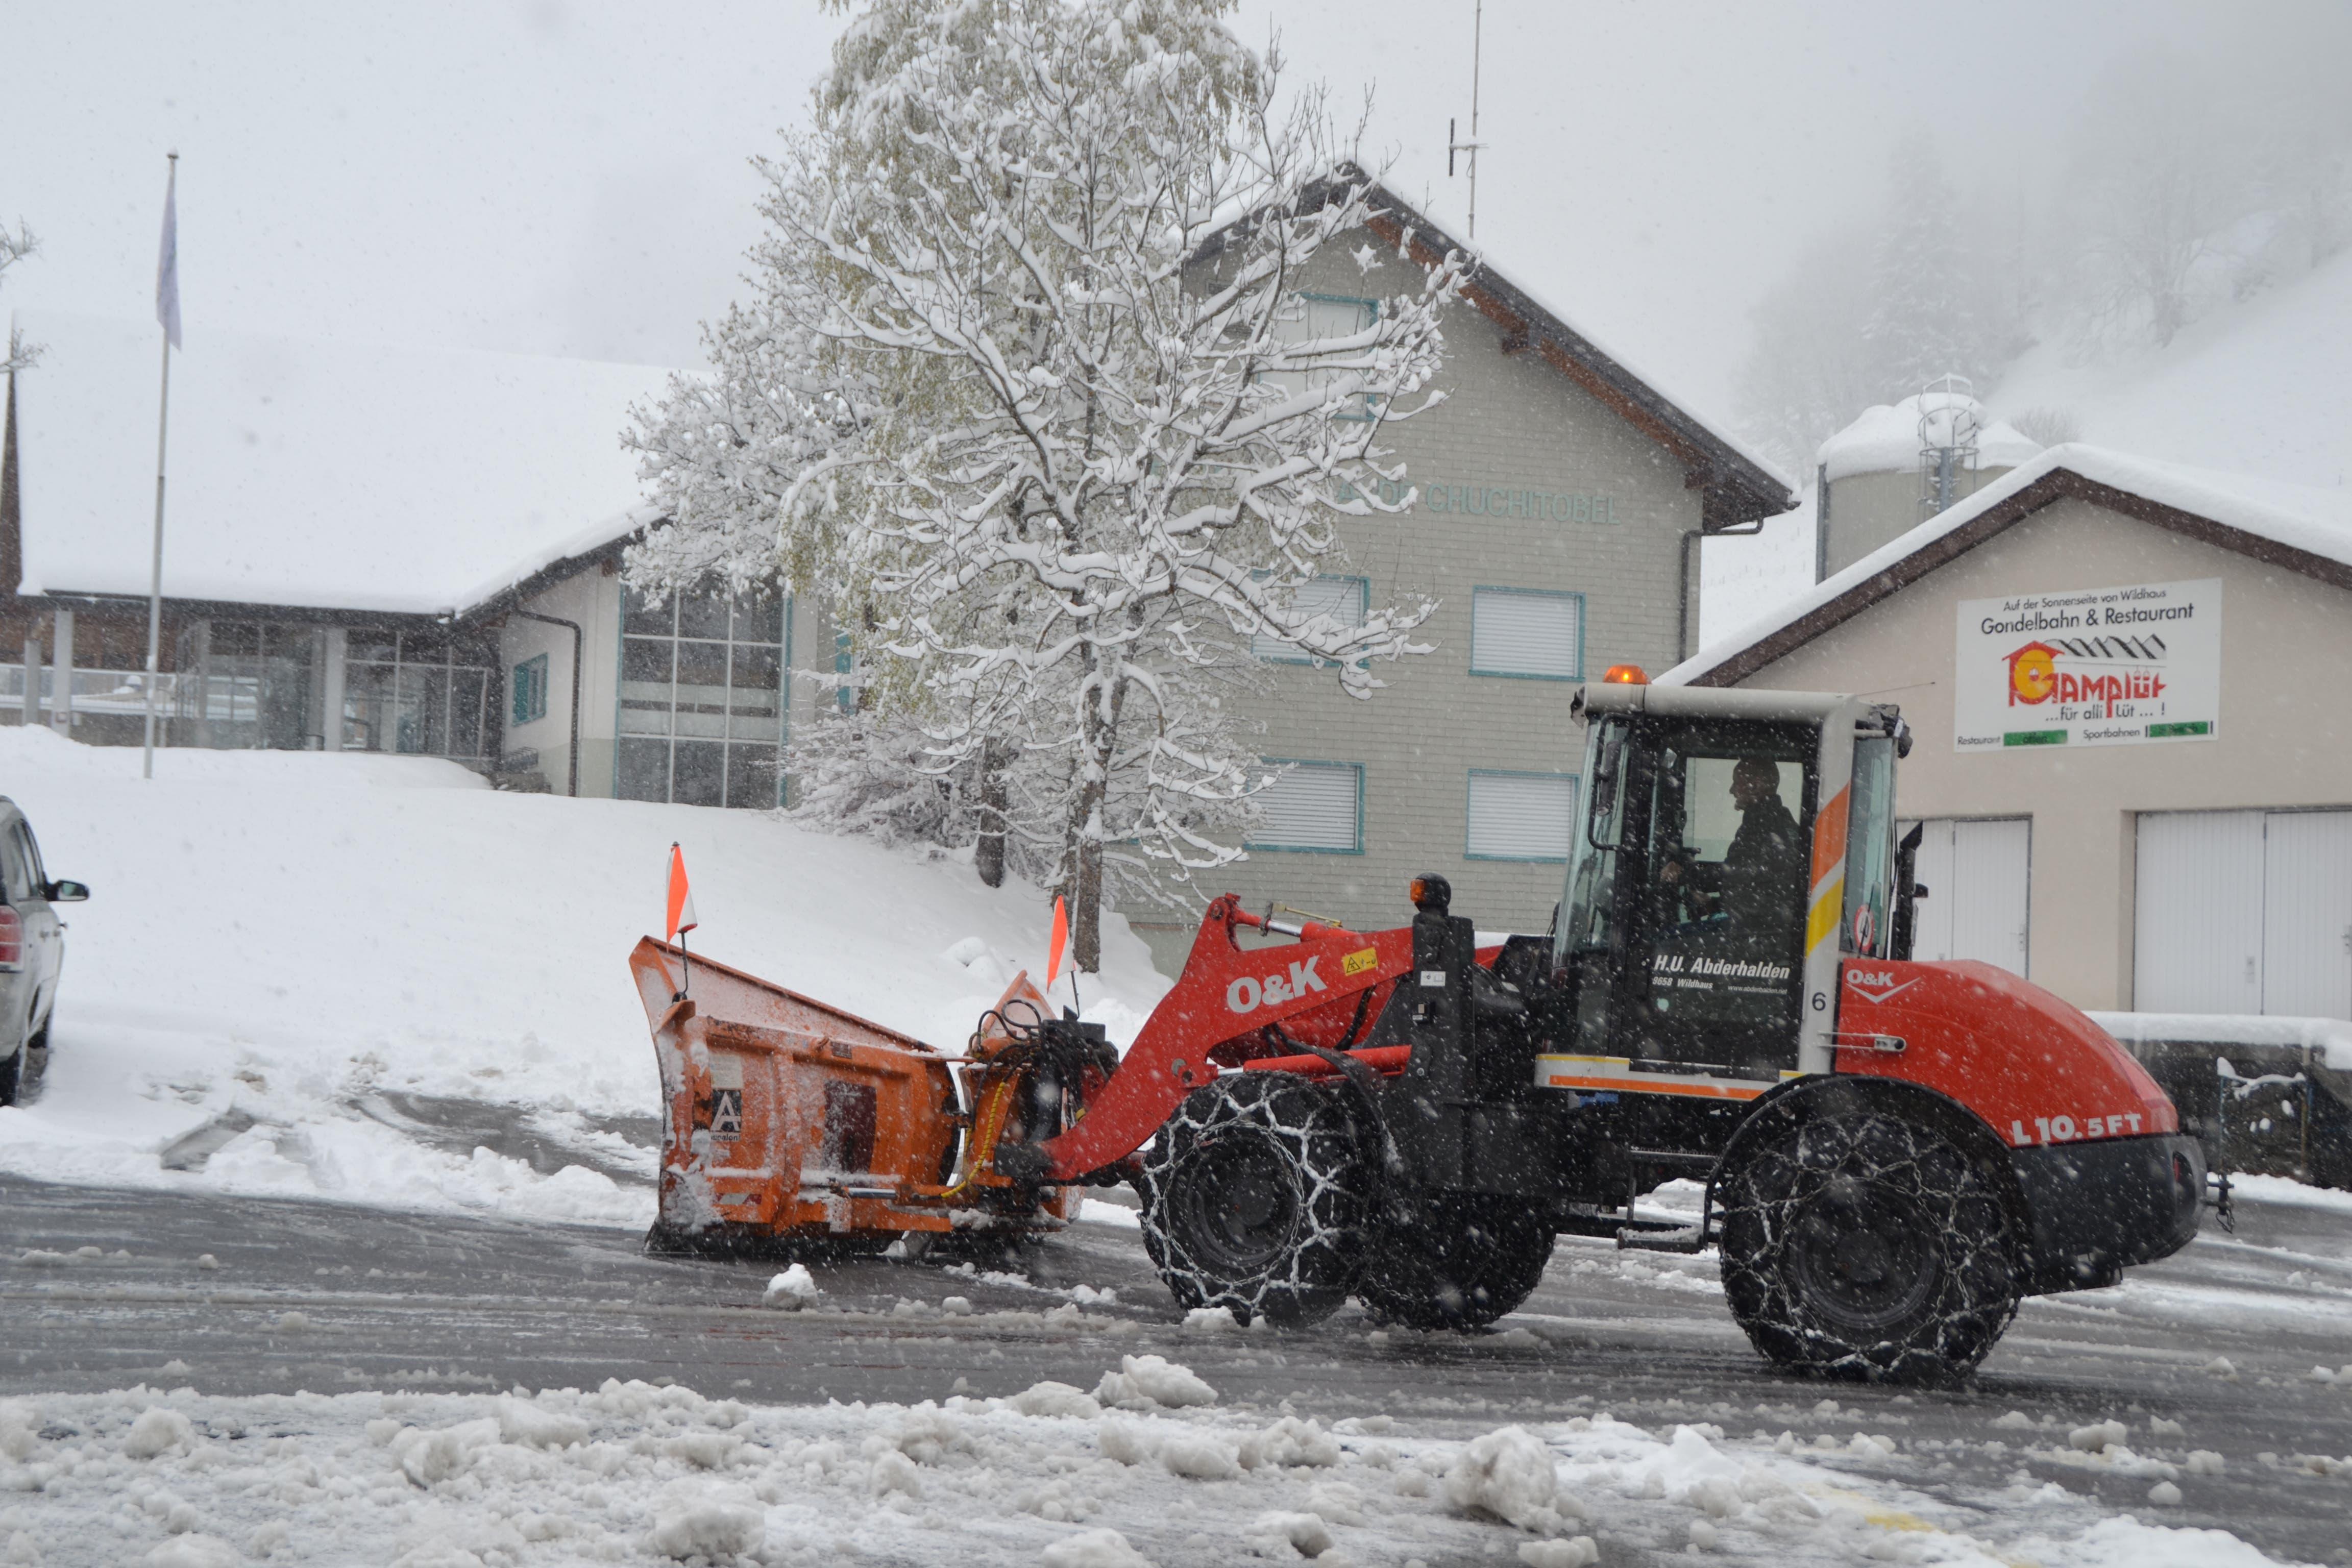 Der Schneepflug im Einsatz beim Mehrzweckgebäude Chuchitobel. (Bild: Adi Lippuner)